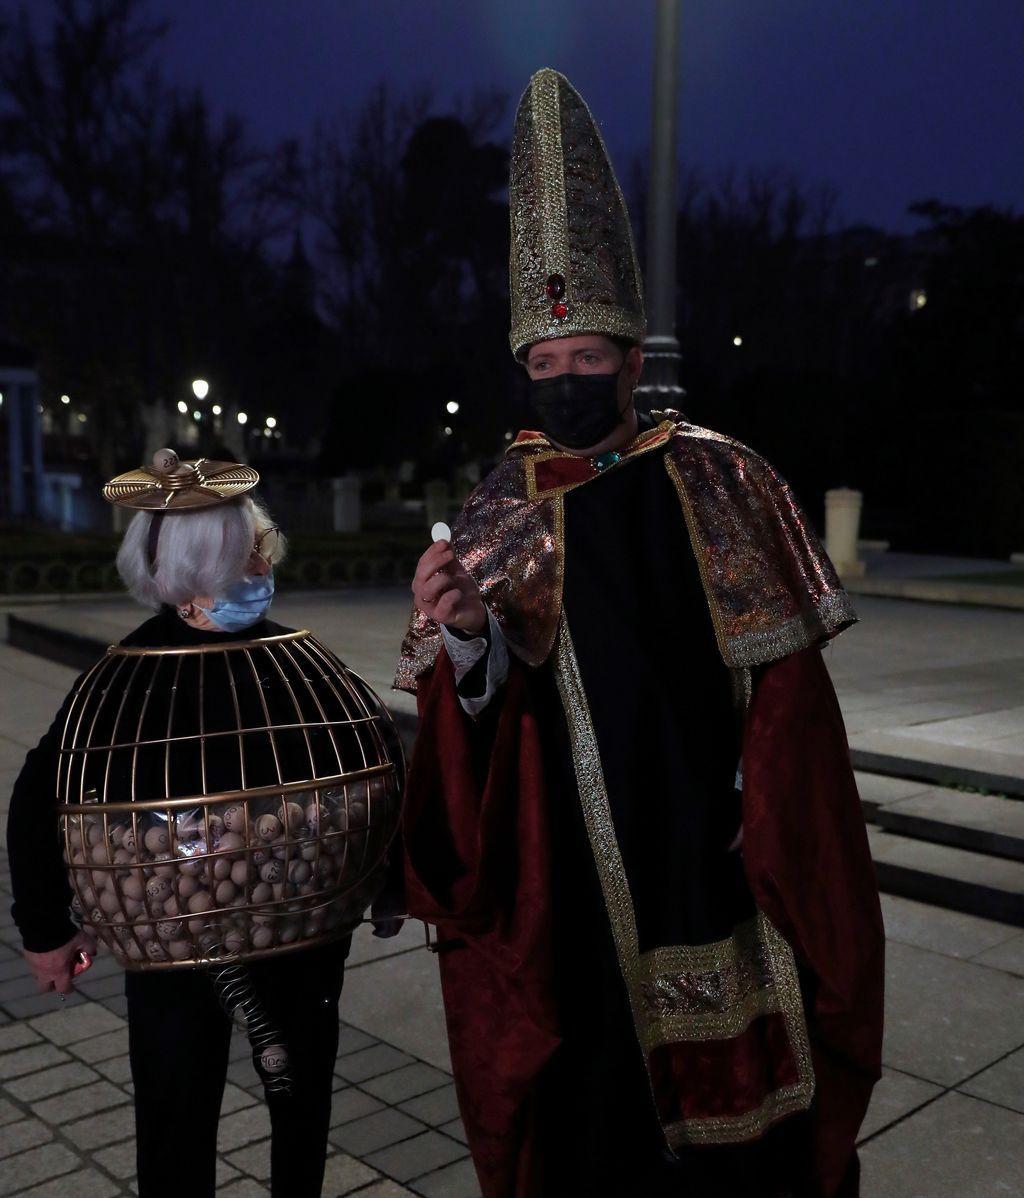 Dos entusiastas del Sorteo de Navidad disfrazados aguardan en las inmediaciones del Teatro Real